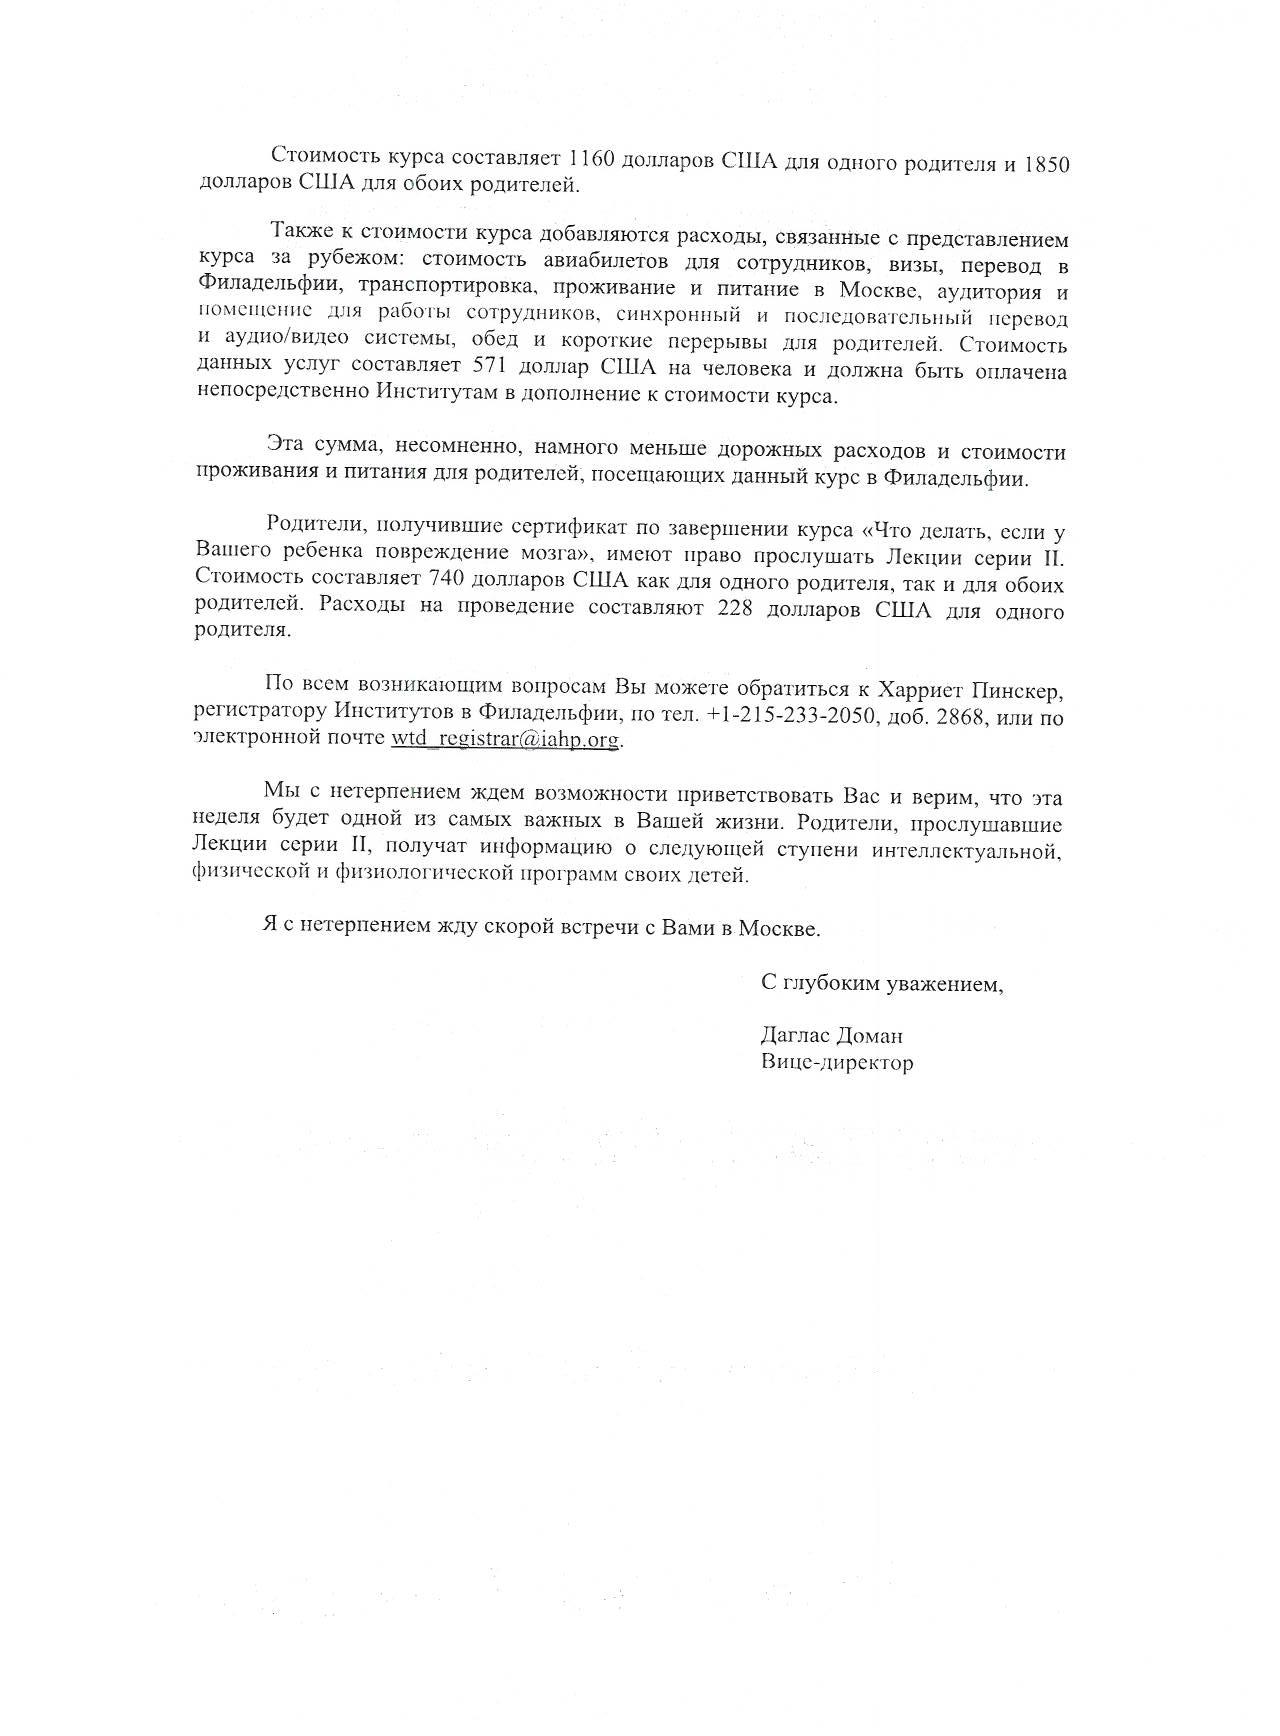 Письмо Дугласа Домана (2)